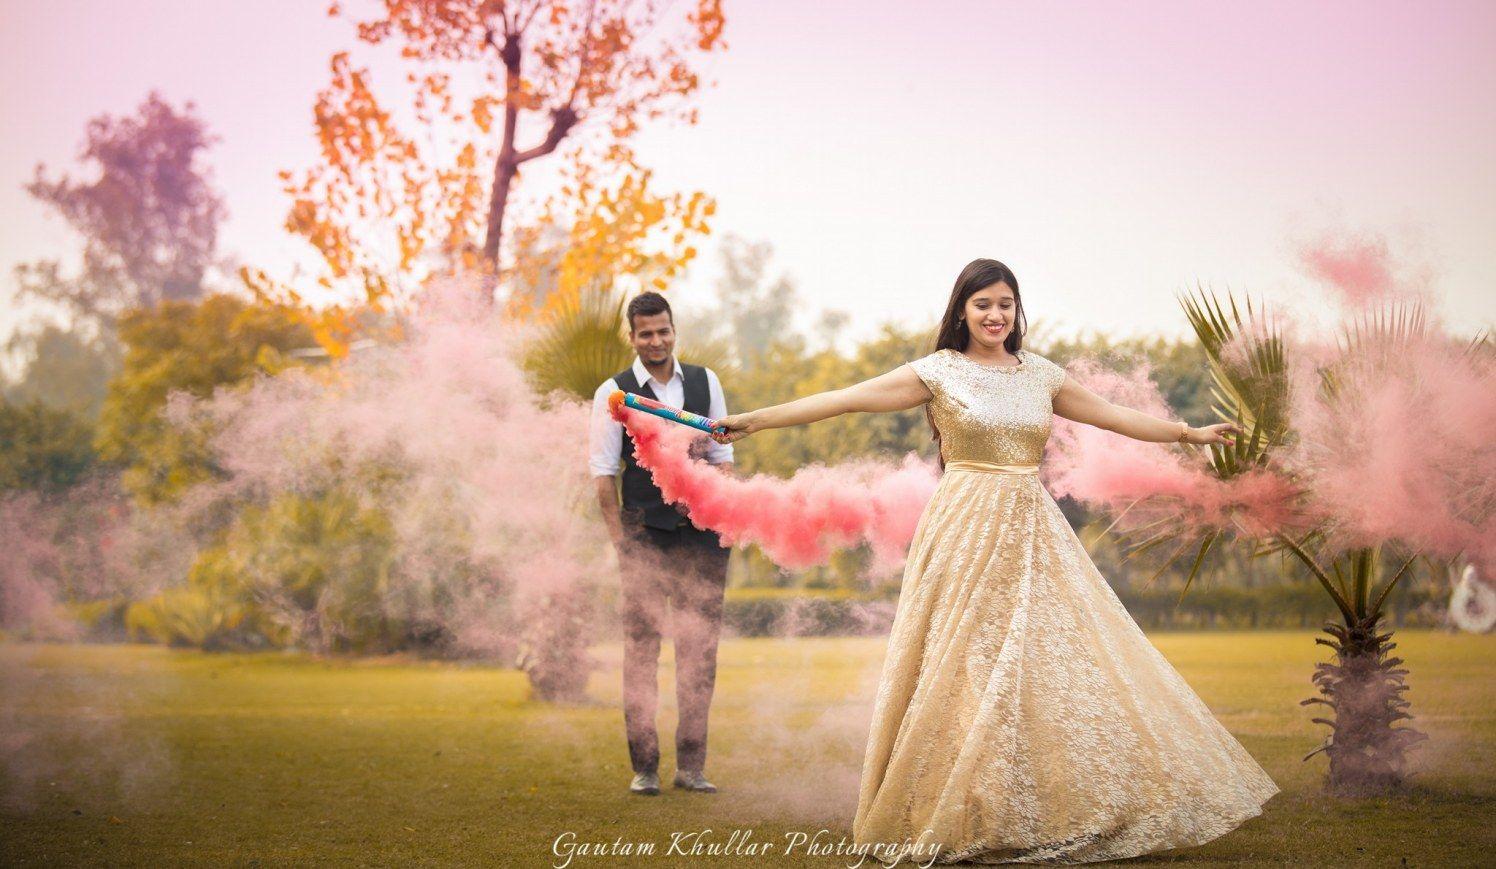 Creative Indian Wedding Outdoor Photoshoot